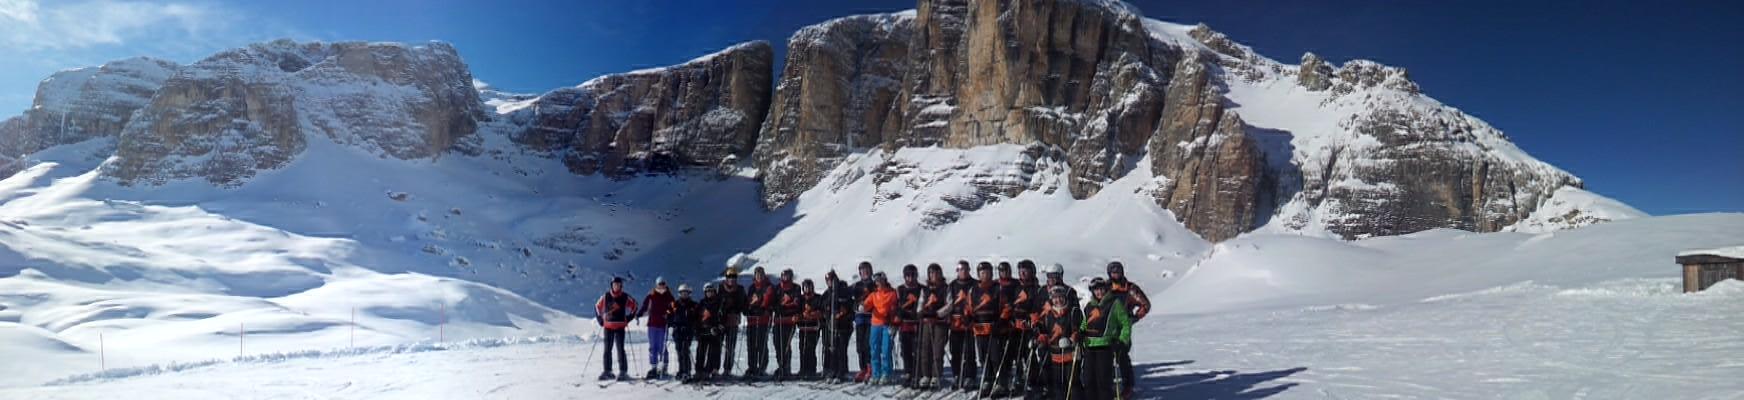 Ski Holland Groep - Op wintersport